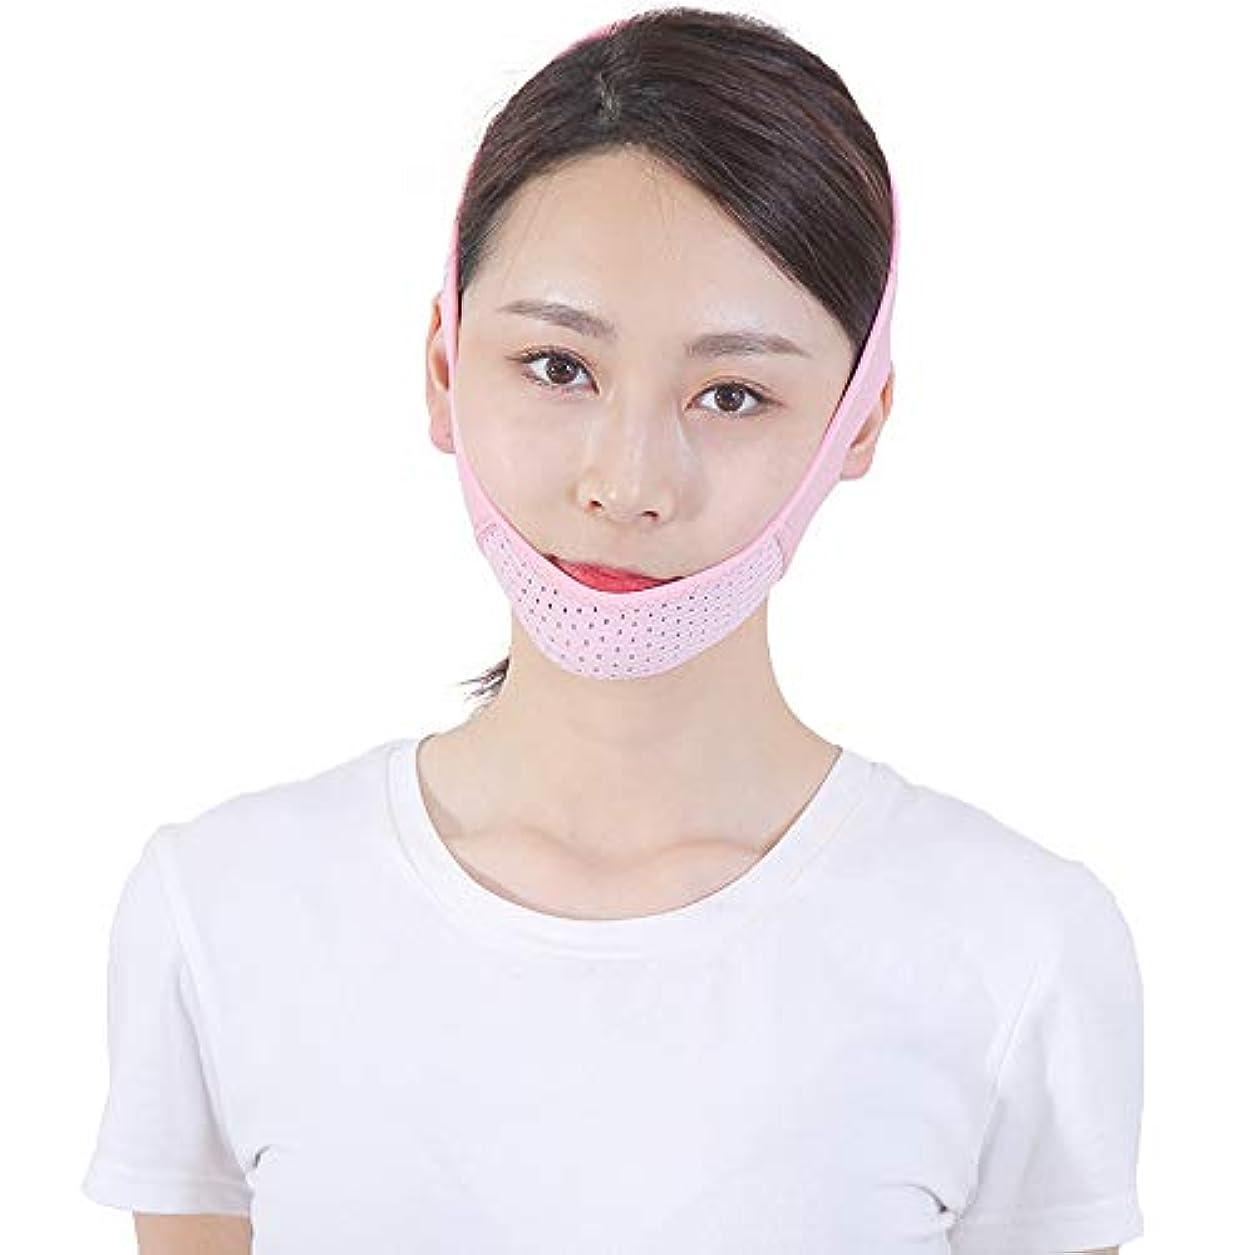 放散するプラカード水分GYZ フェイシャルリフティング痩身ベルトフェイススリムゲットダブルチンアンチエイジングリンクルフェイスバンデージマスクシェイピングマスク顔を引き締めるダブルチンワークアウト Thin Face Belt